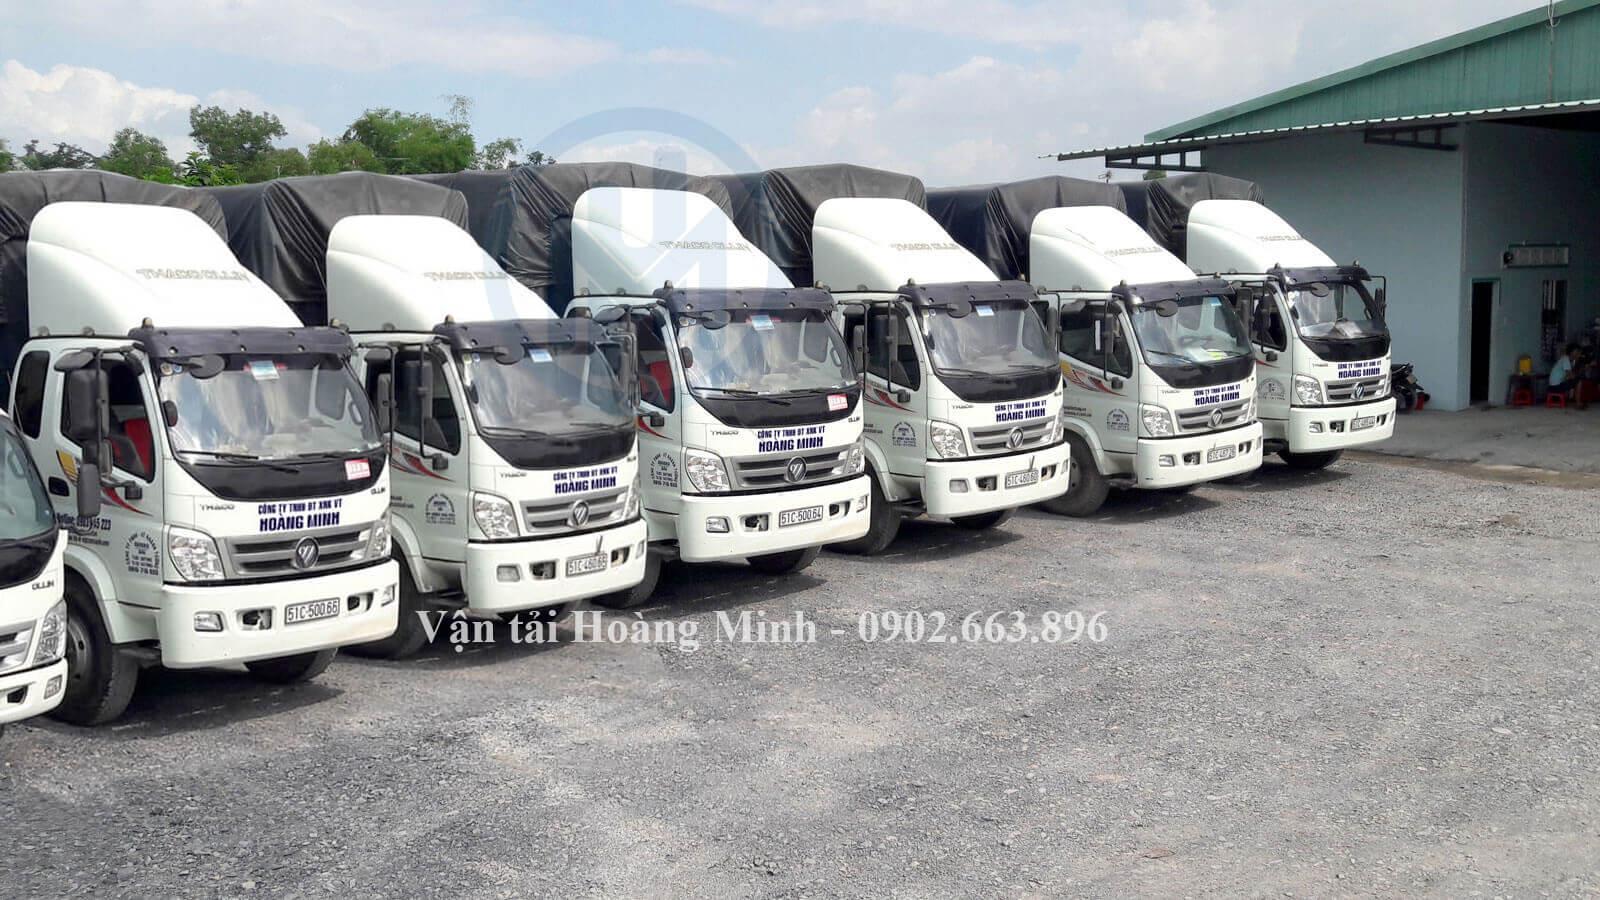 Cho thuê xe tải chở hàng Quận Tân Phú uy tín số 1 tại TPHCM